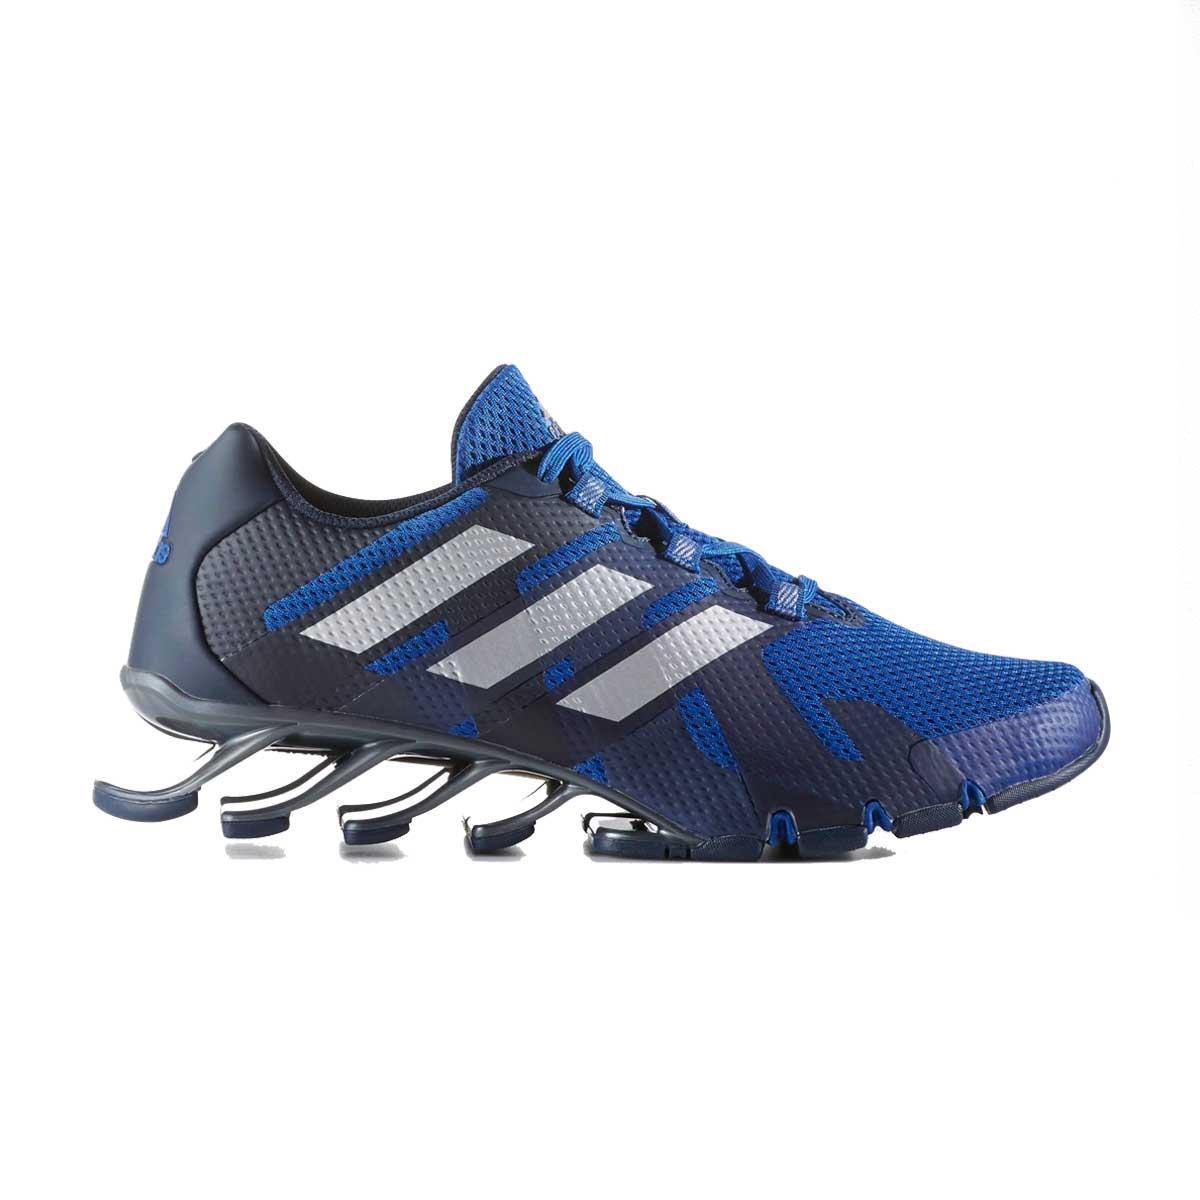 9bec9ec3aef Tênis Adidas Springblade E-force Masculino